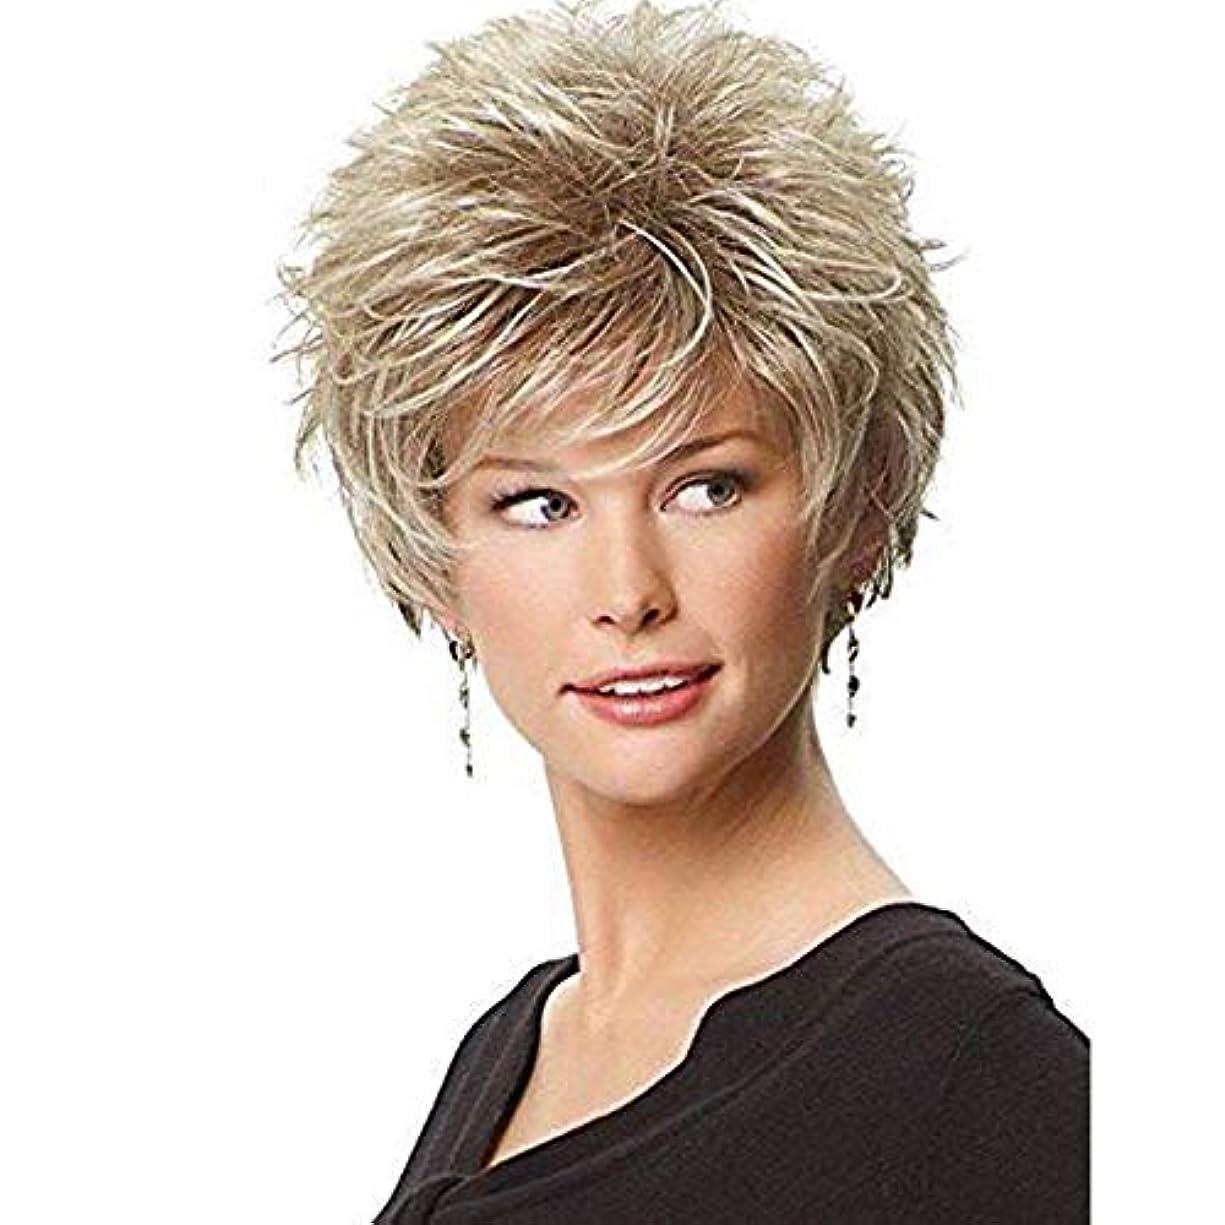 信じる比類のない心理的WASAIO ブロンドのかつらファッションヘアスタイリングふわふわの短い巻き毛のかつら (色 : Blonde)